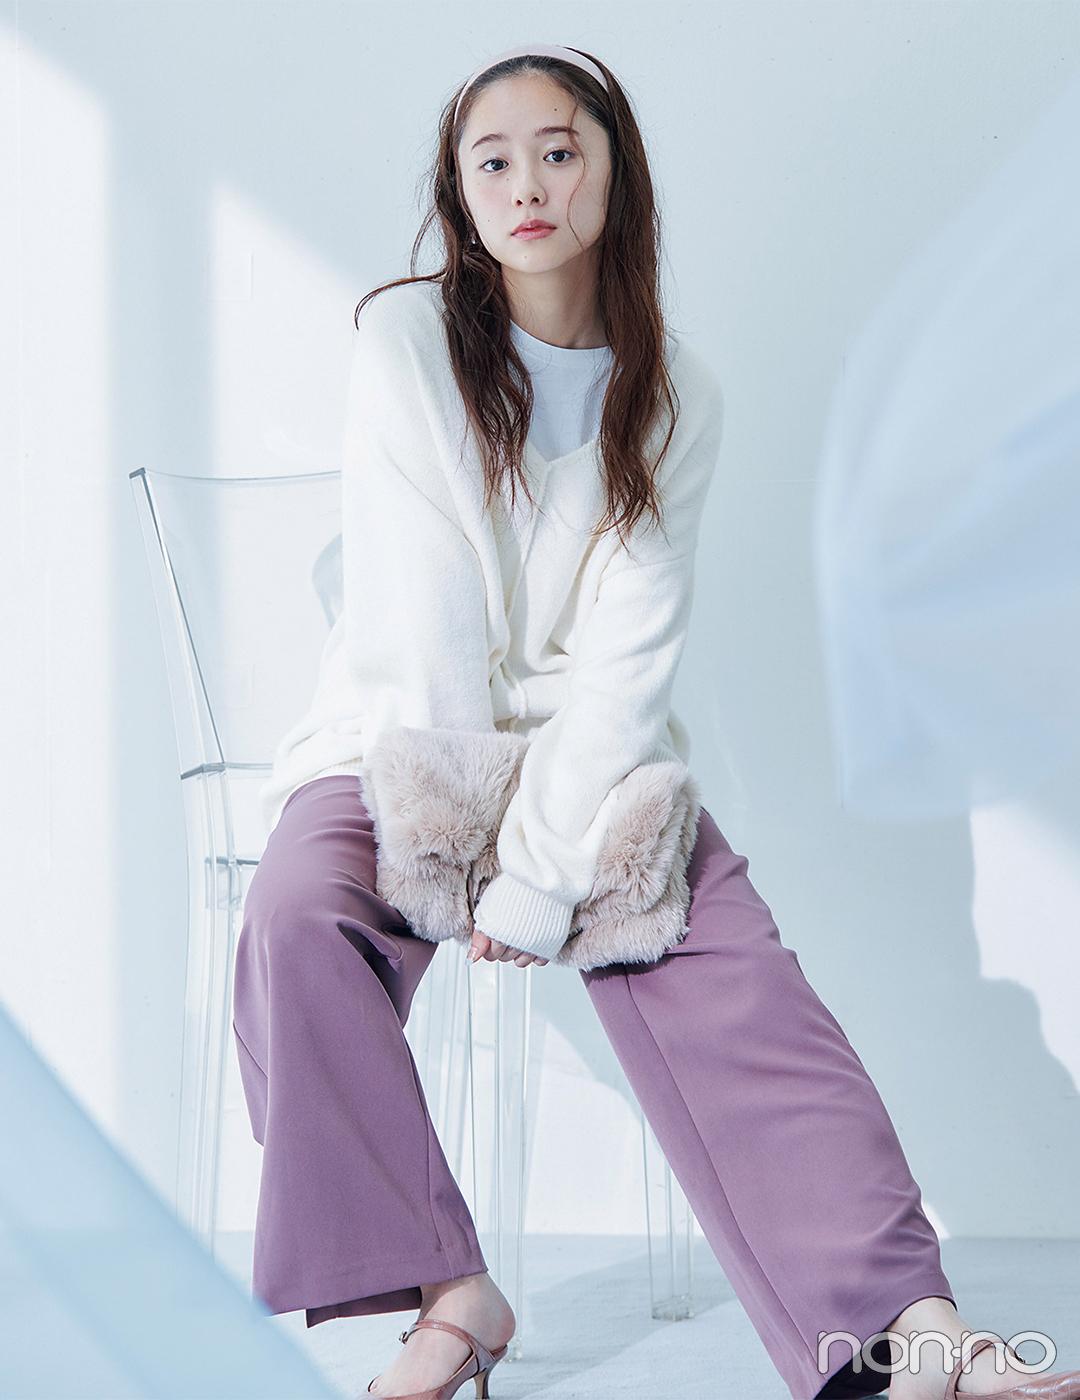 まろやかなベリー色パンツで透明感あふれる好感度ガールに【毎日コーデ】